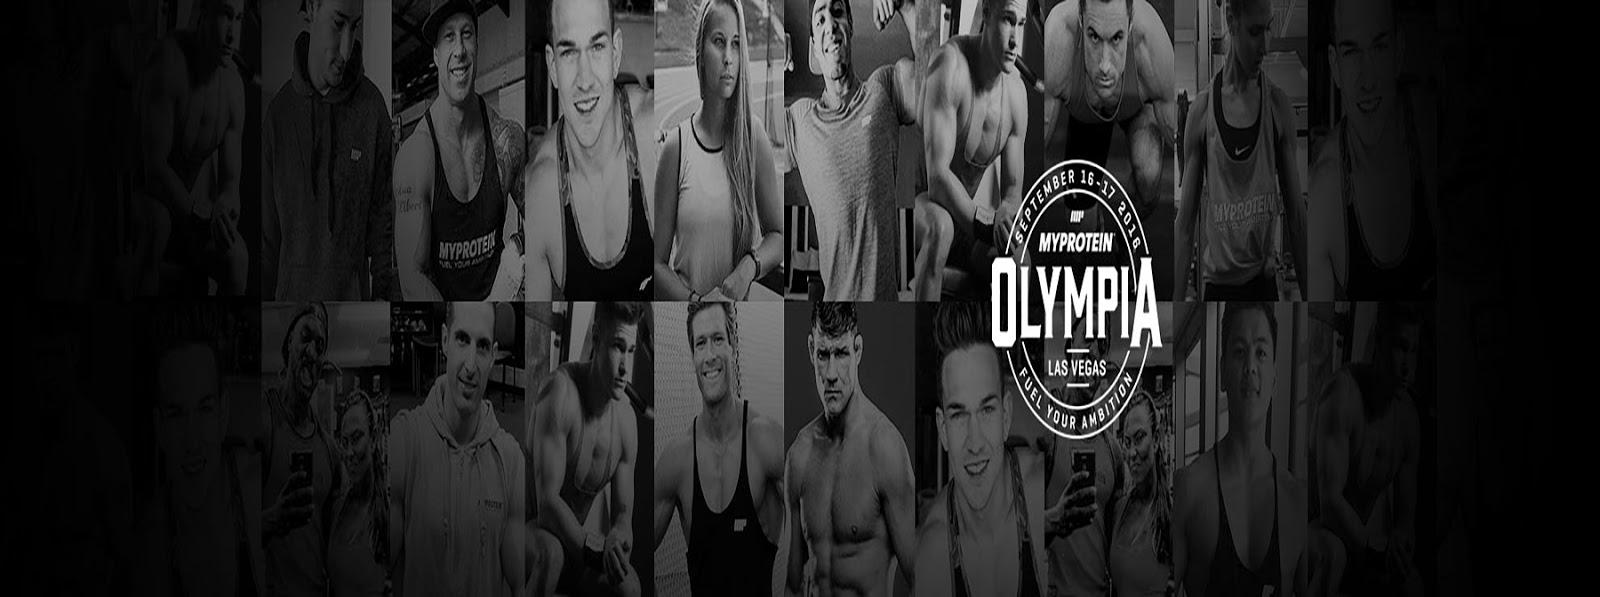 πληροφορίες για το Mr. Olympia